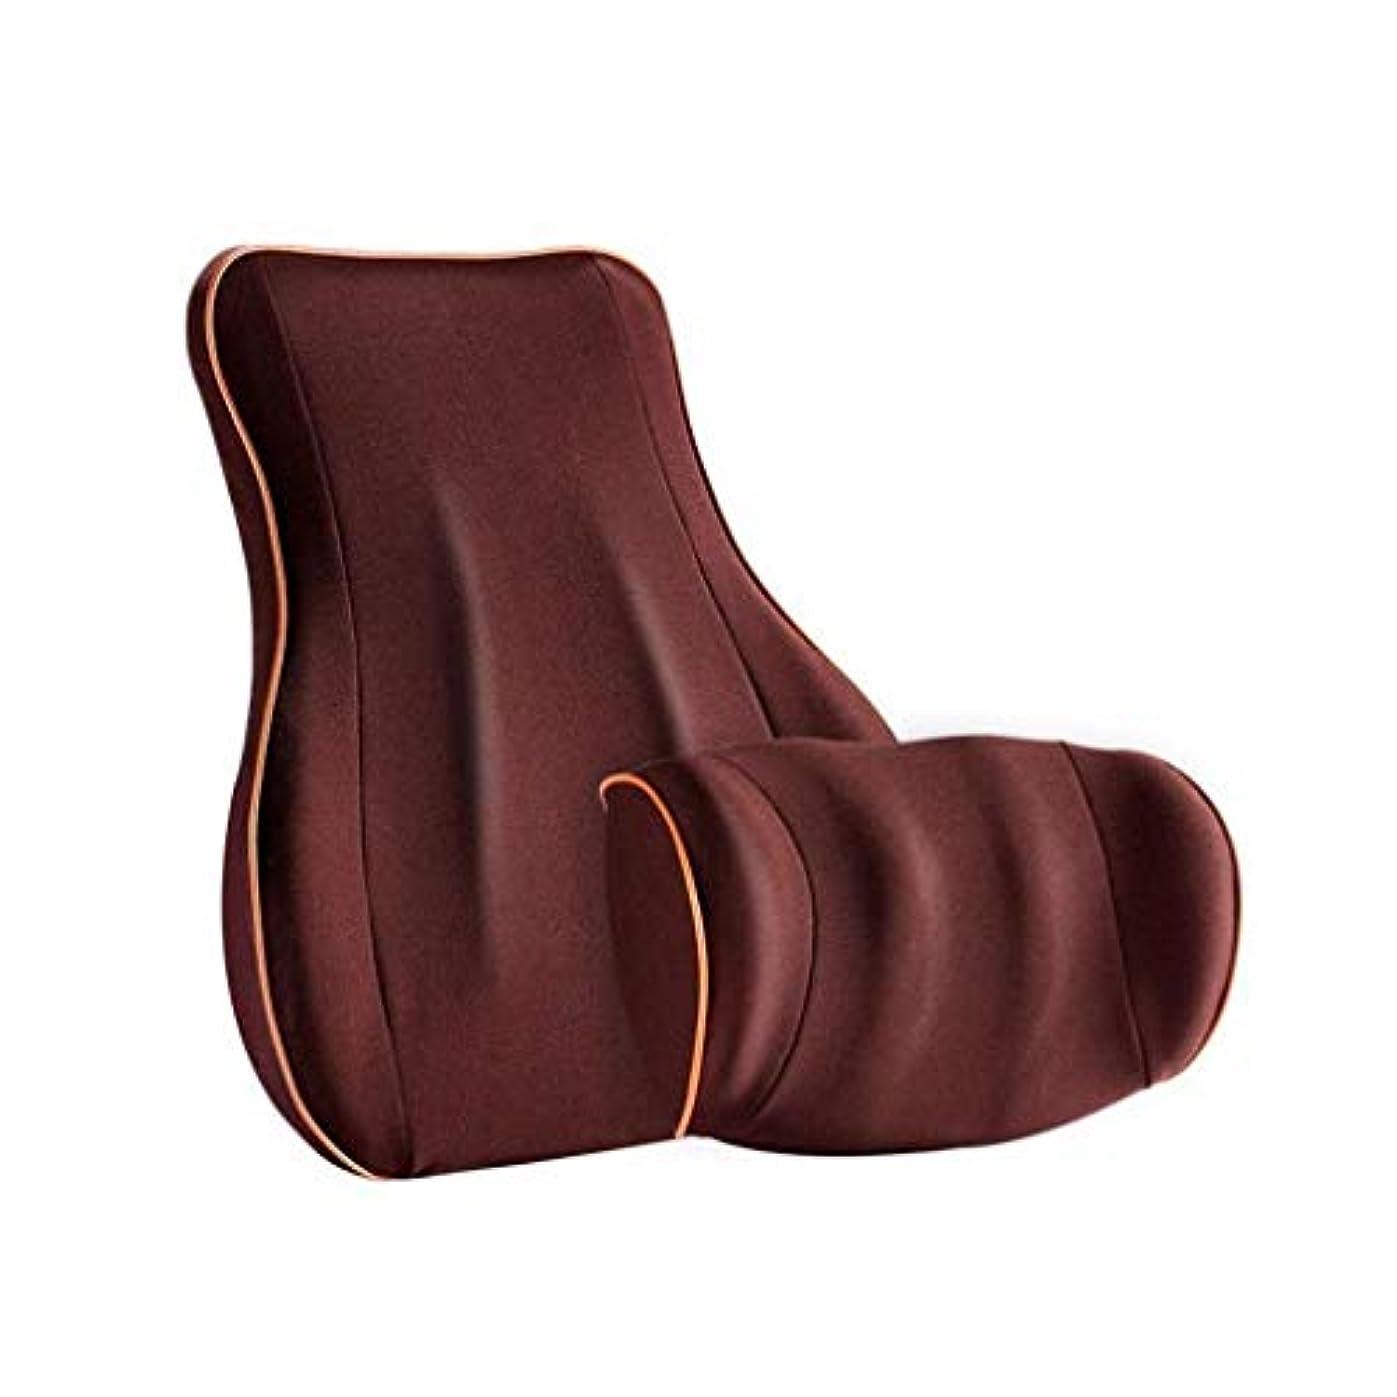 離婚エジプト発行する腰椎枕と首の枕、腰椎サポート枕低反発コットン、人間工学に基づいた低反発フォームのデザイン、腰と首の疲れや痛みを軽減?防止する、長距離運転オフィスに最適 (Color : Brown)